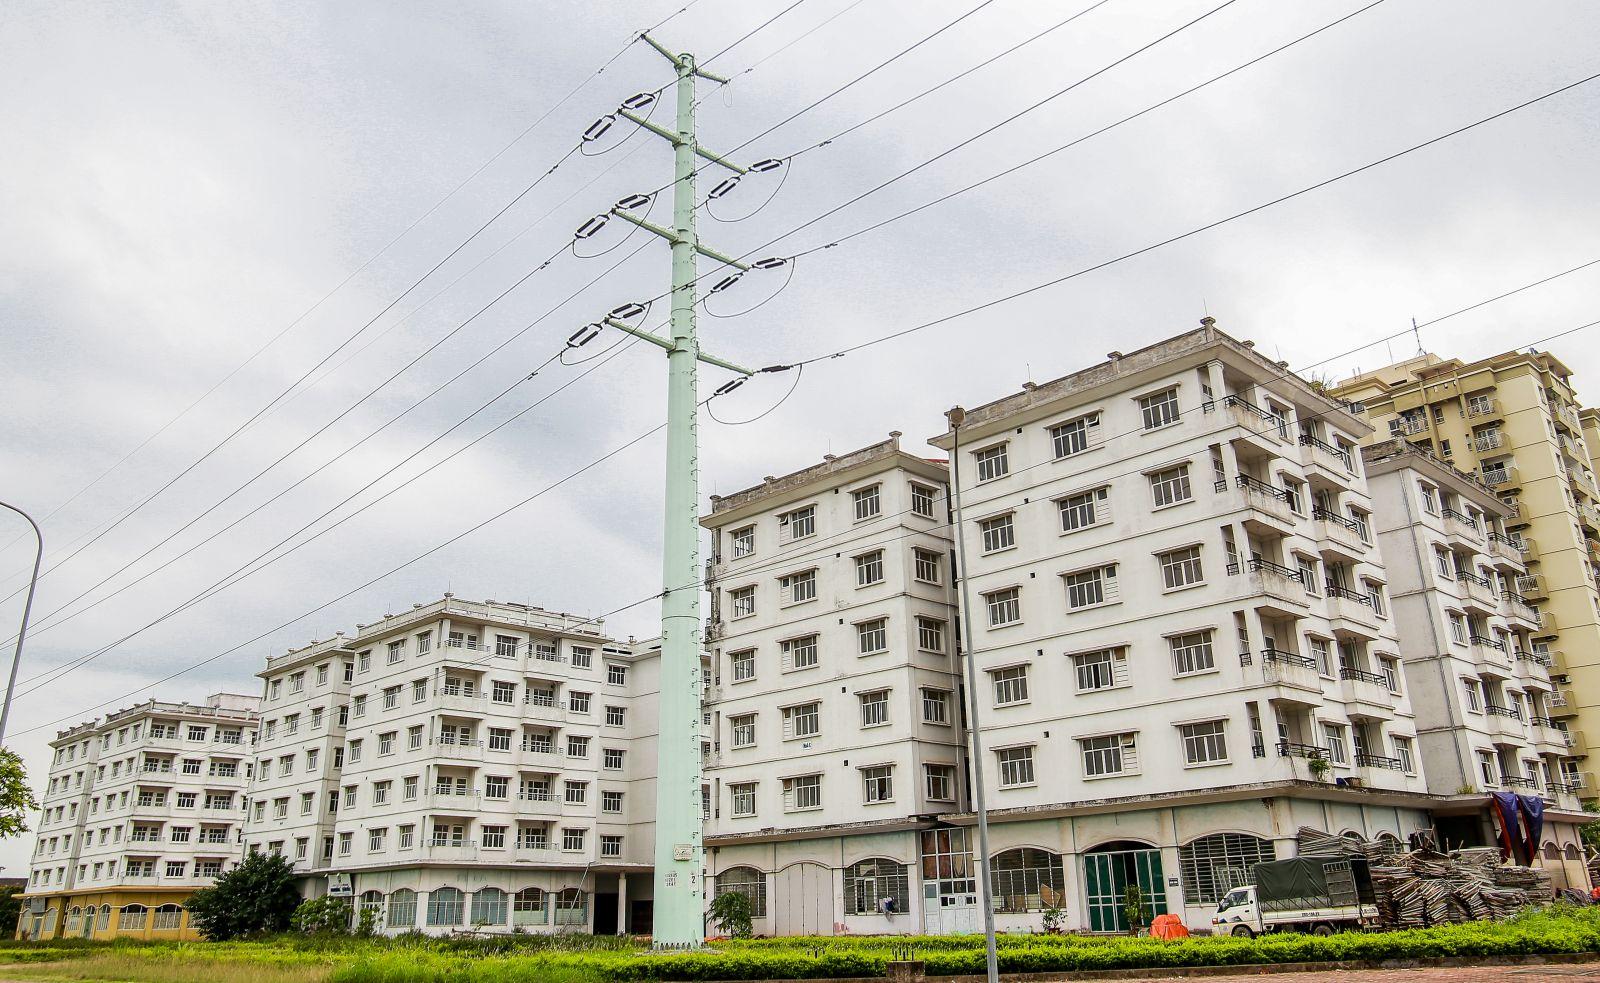 Cận cảnh dự án tái định cư bỏ hoang cả thập kỷ ở Khu đô thị mới Sài Đồng